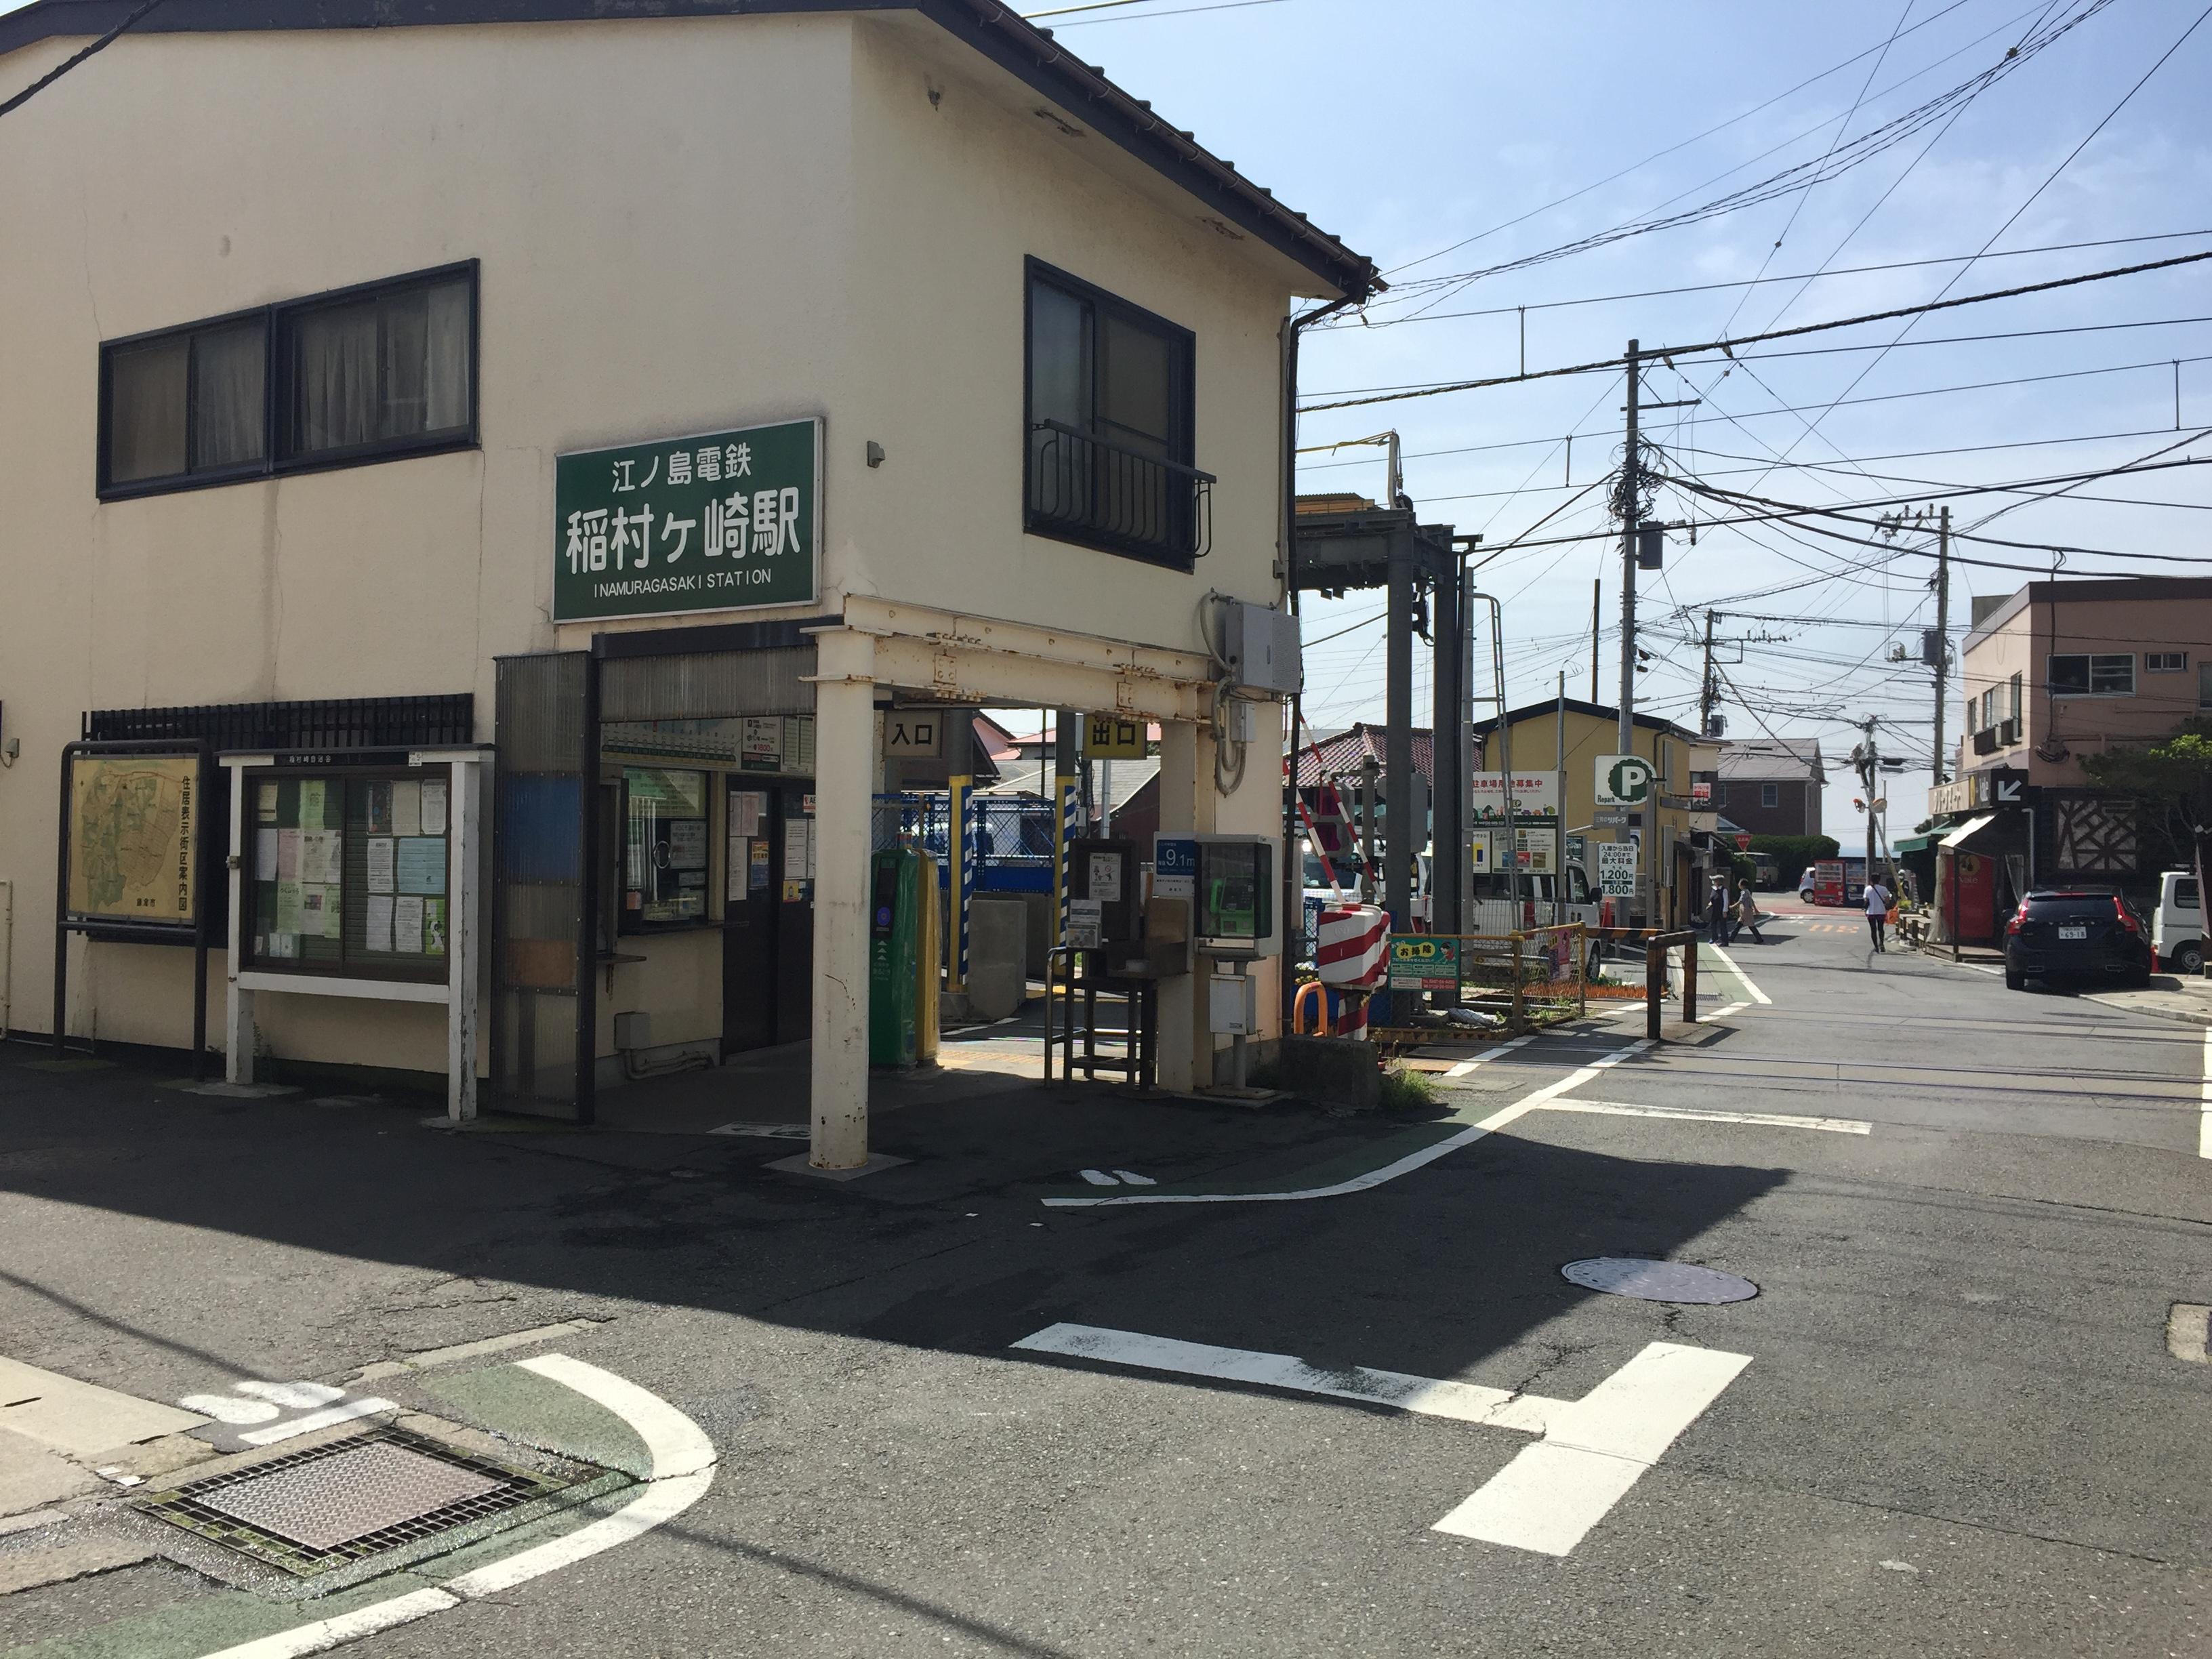 Photo 4-22-16, 09 51 34